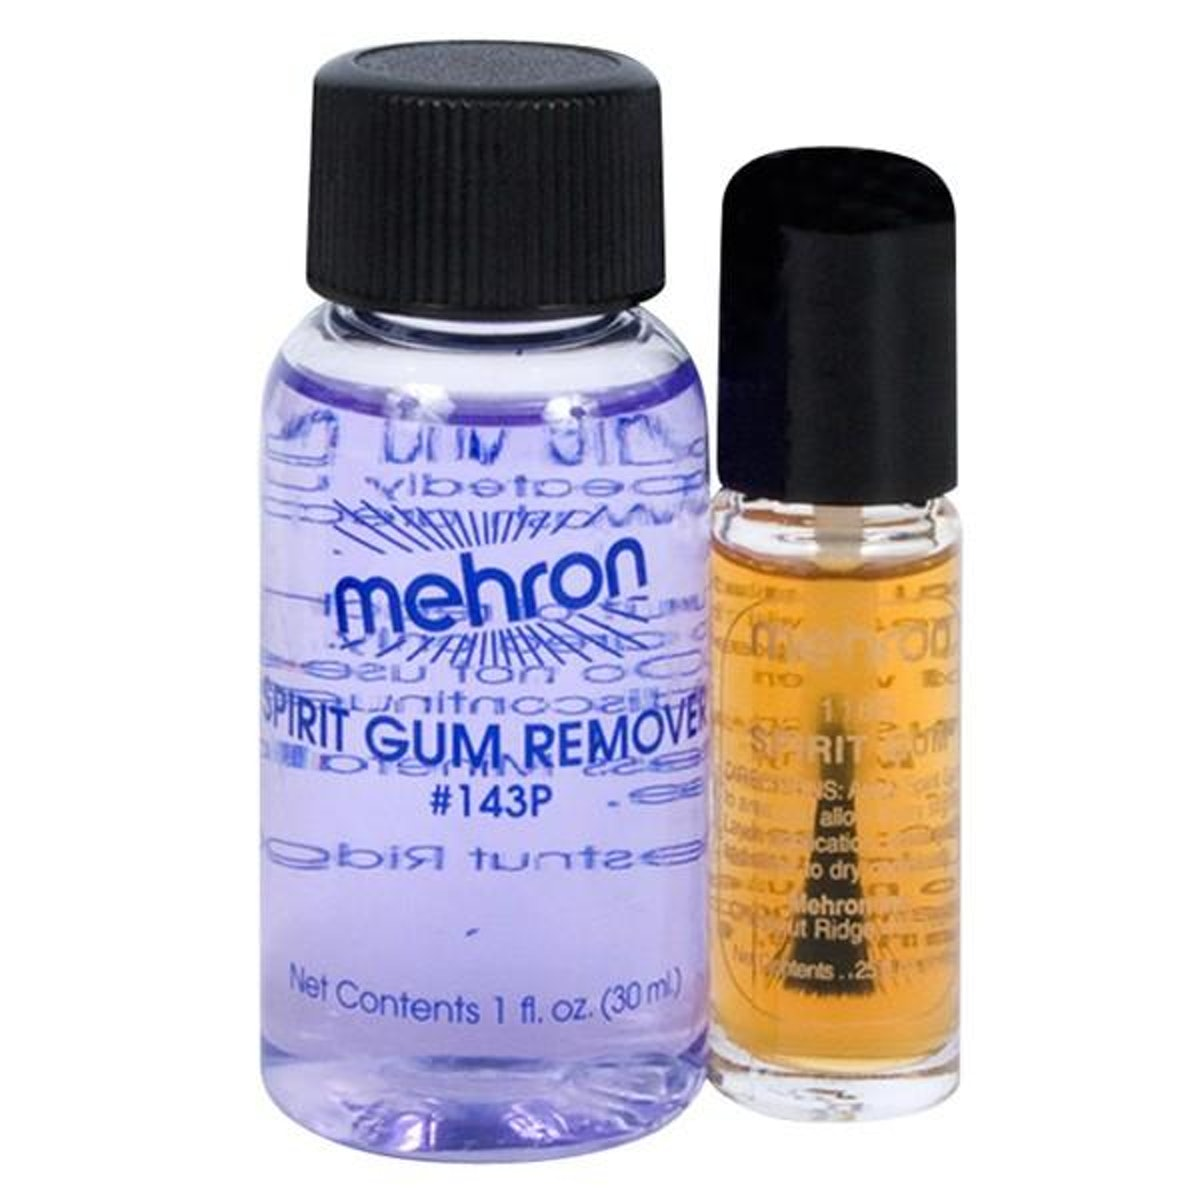 Spirit Gum and Spirit Gum Remover